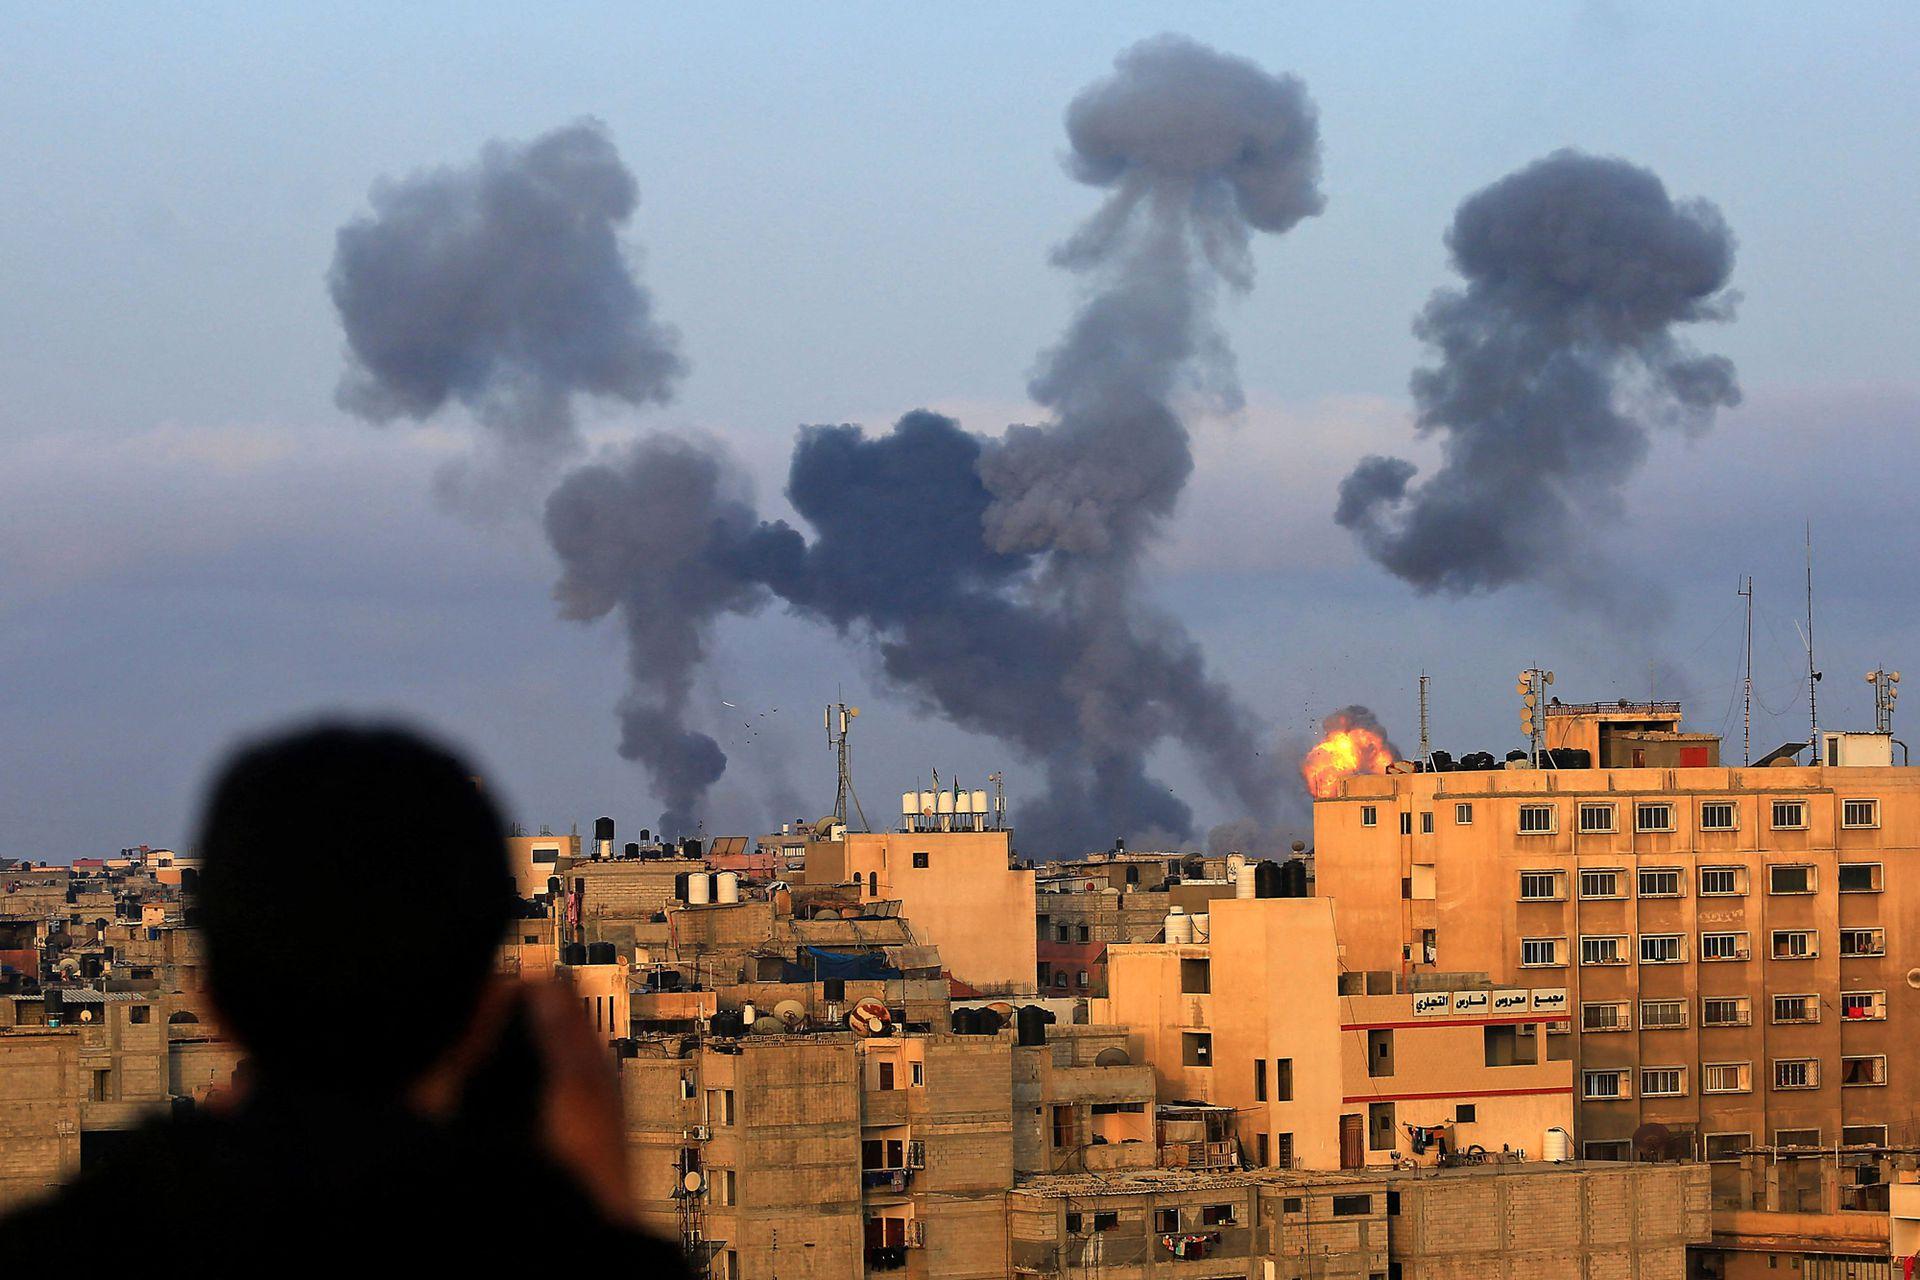 Un niño palestino observa humo saliendo de edificios durante los ataques aéreos israelíes en la región de Khan Yunis, en el sur de Gaza